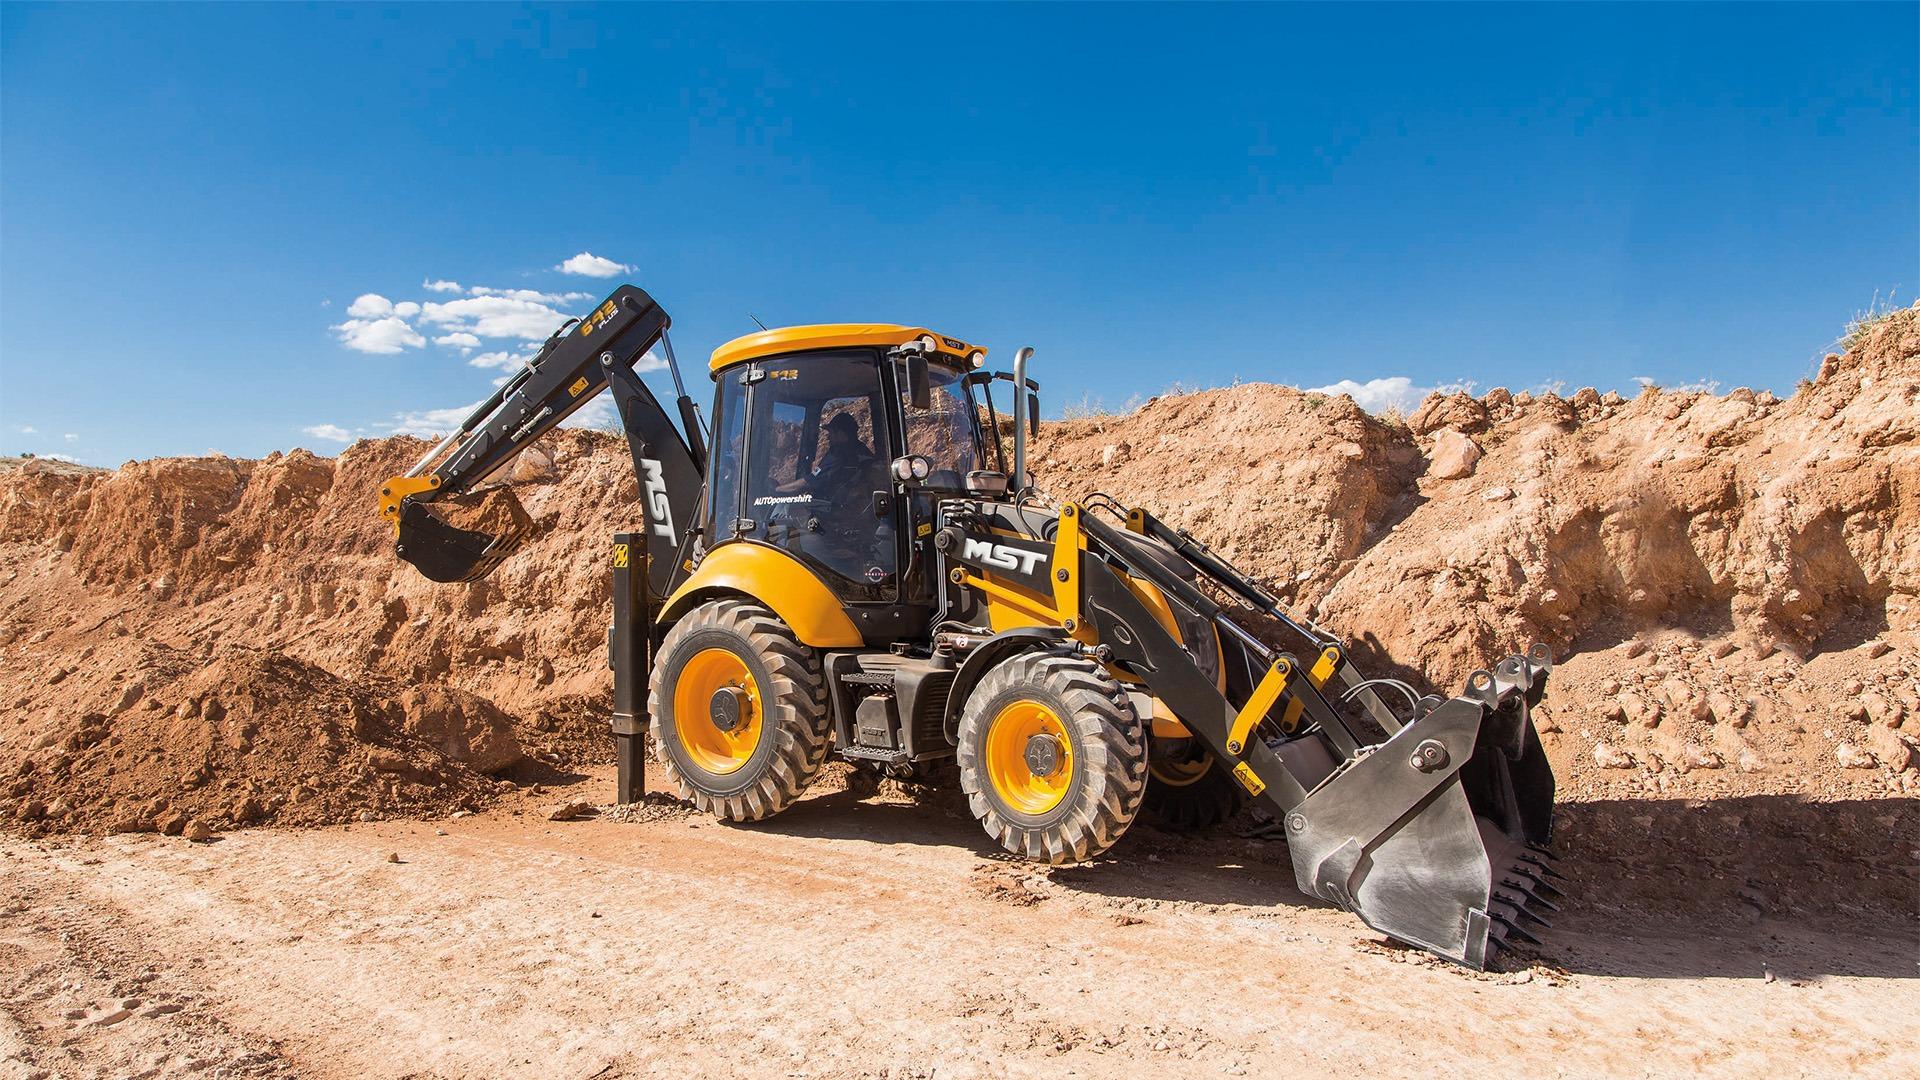 Ce alegi dintre un excavator si un buldoexcavator?